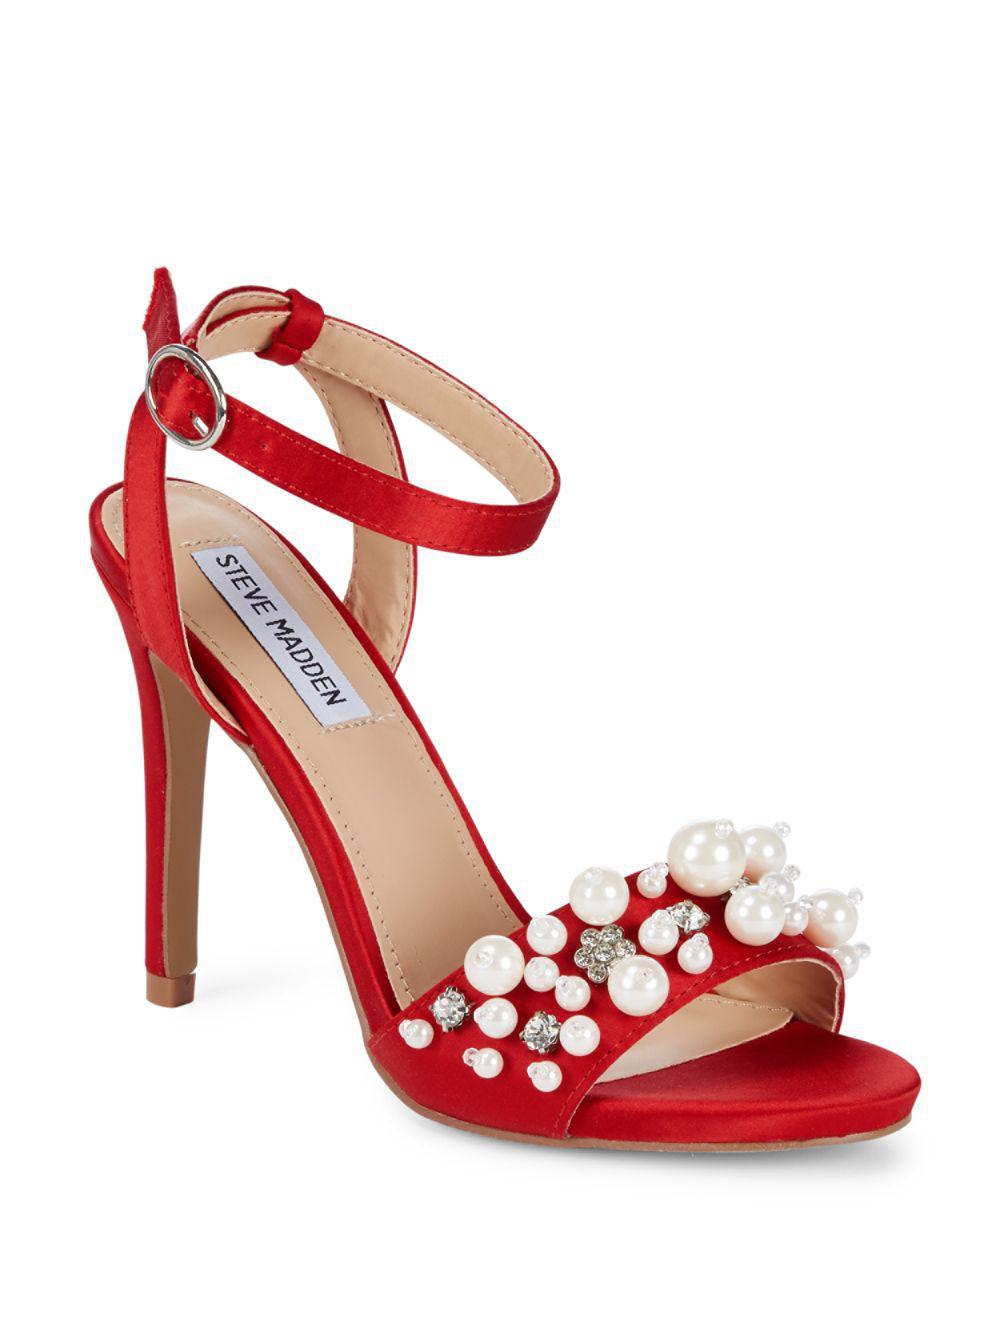 Lyst - Steve Madden Dayanara Satin Stiletto Heels in Red